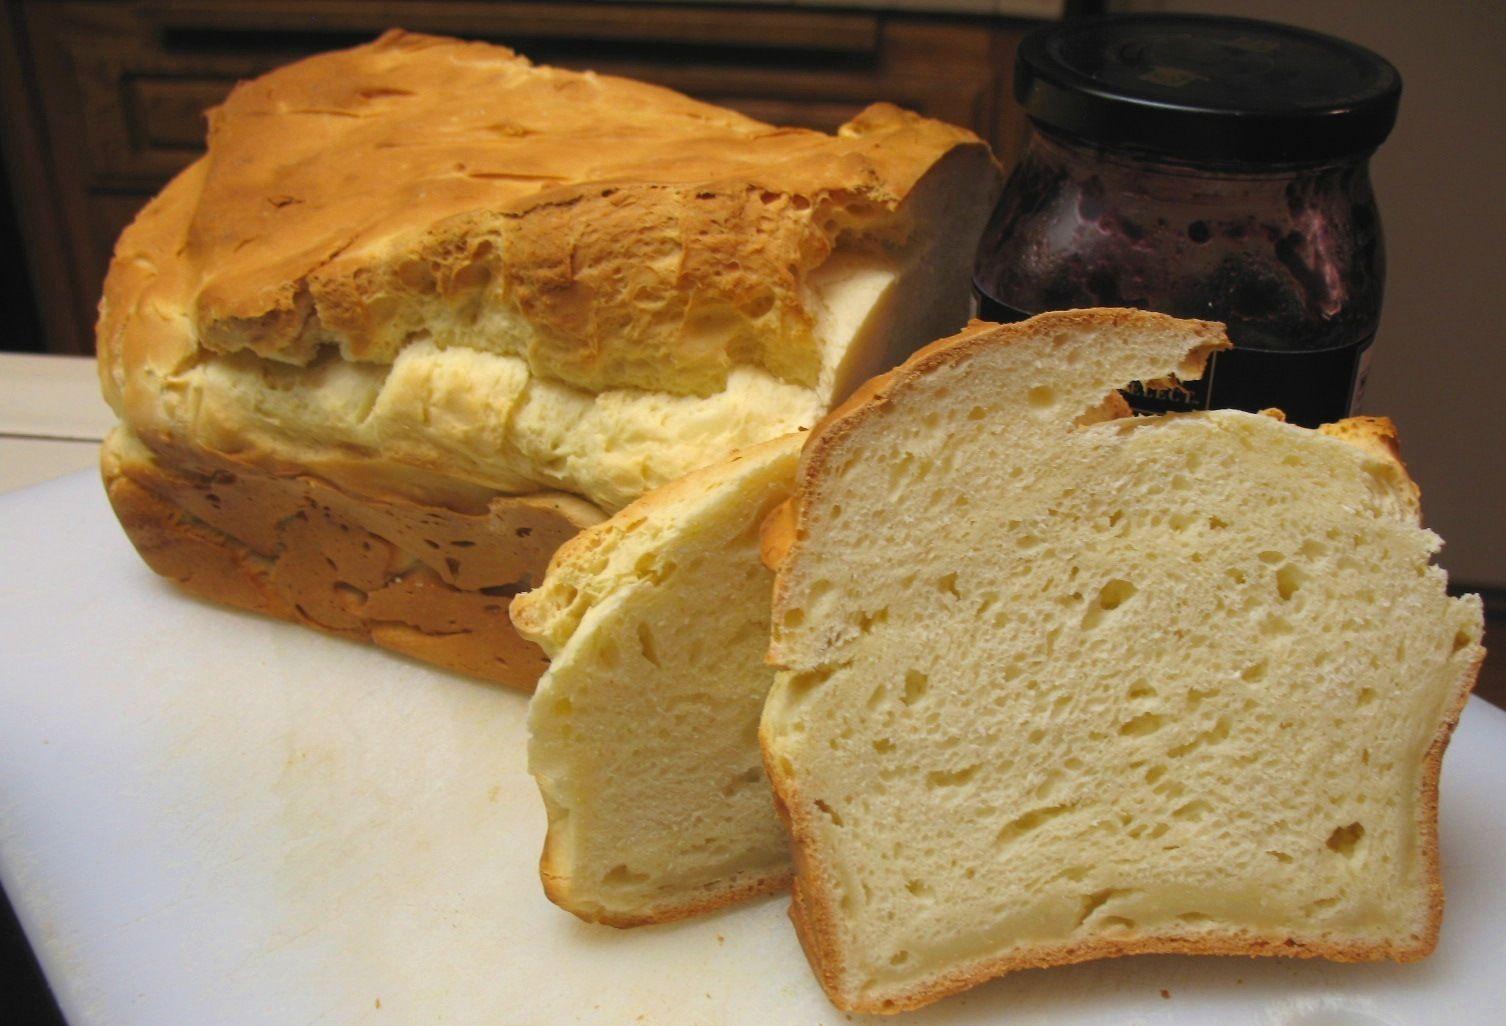 Buttermilk Bread Recipe  Gluten Free Buttermilk and Honey Bread recipe – All